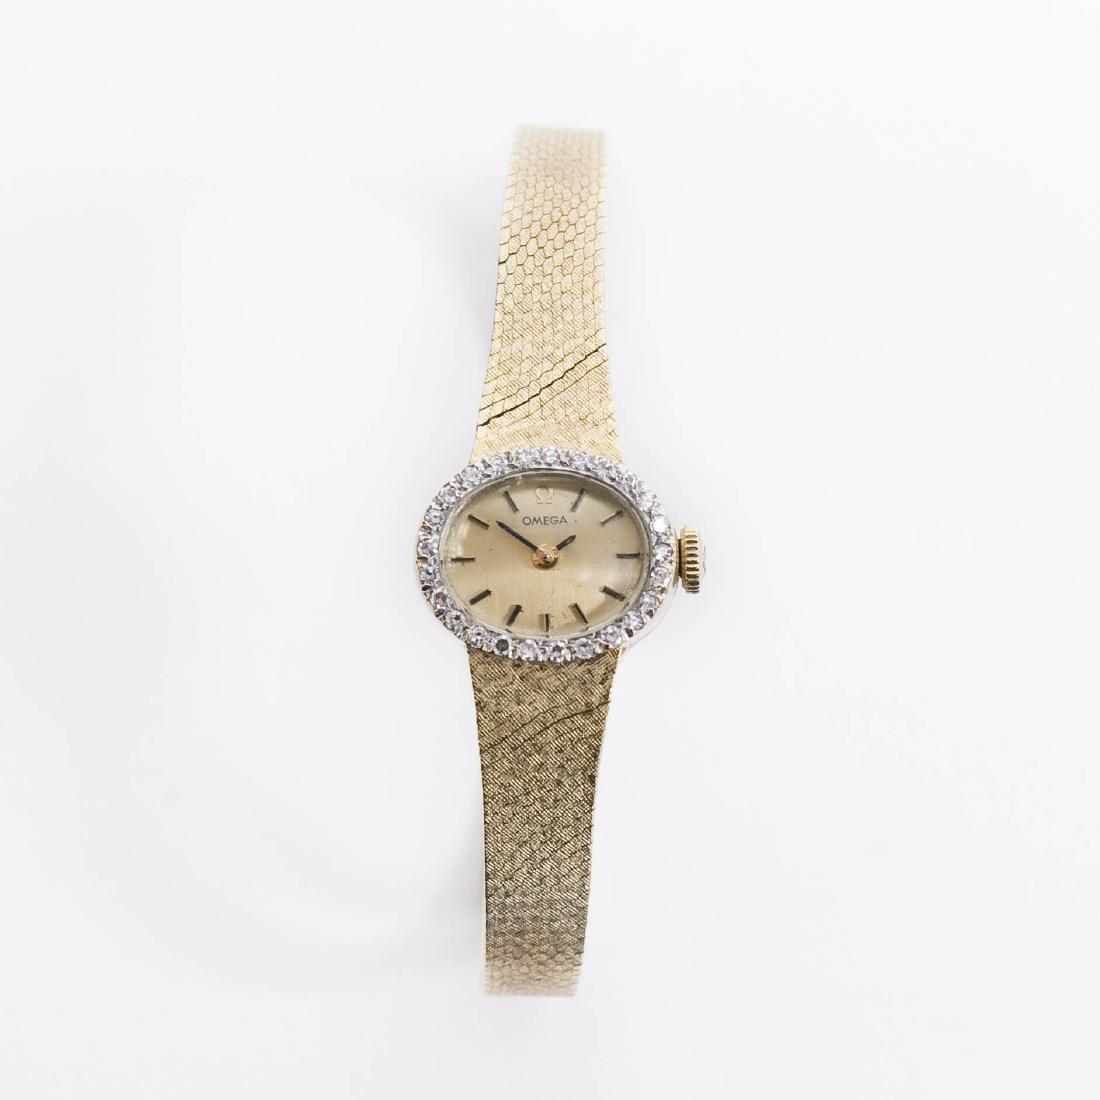 Lady's 14K Omega Wristwatch.